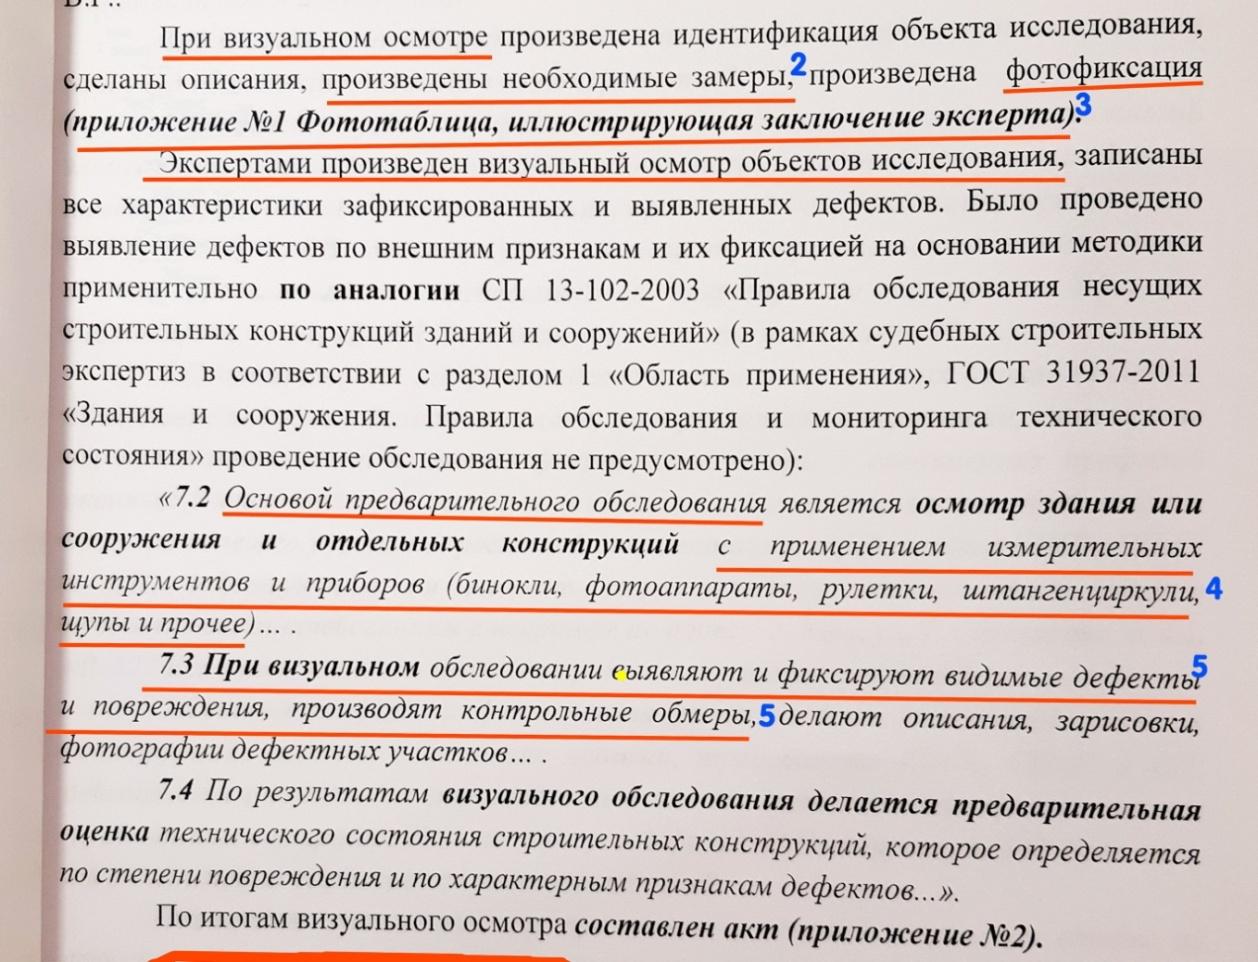 E:\Экспертиза Газизов рецензия 1\20200909_095423ик2.jpg